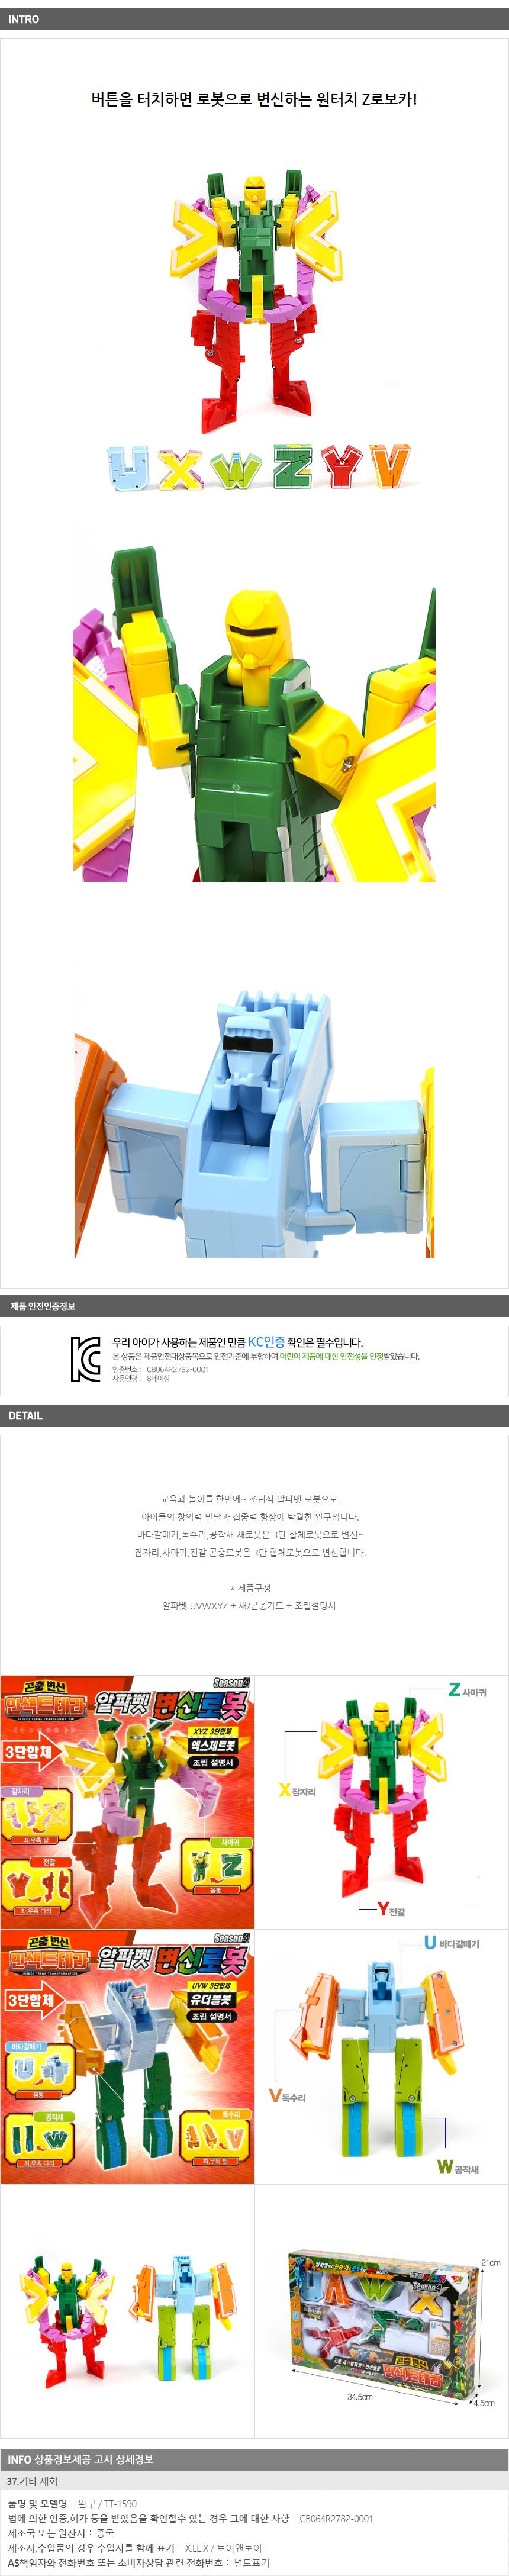 알파벳 변신 로봇 장난감 합체로봇 - 기프트갓, 18,100원, 장난감, 장난감